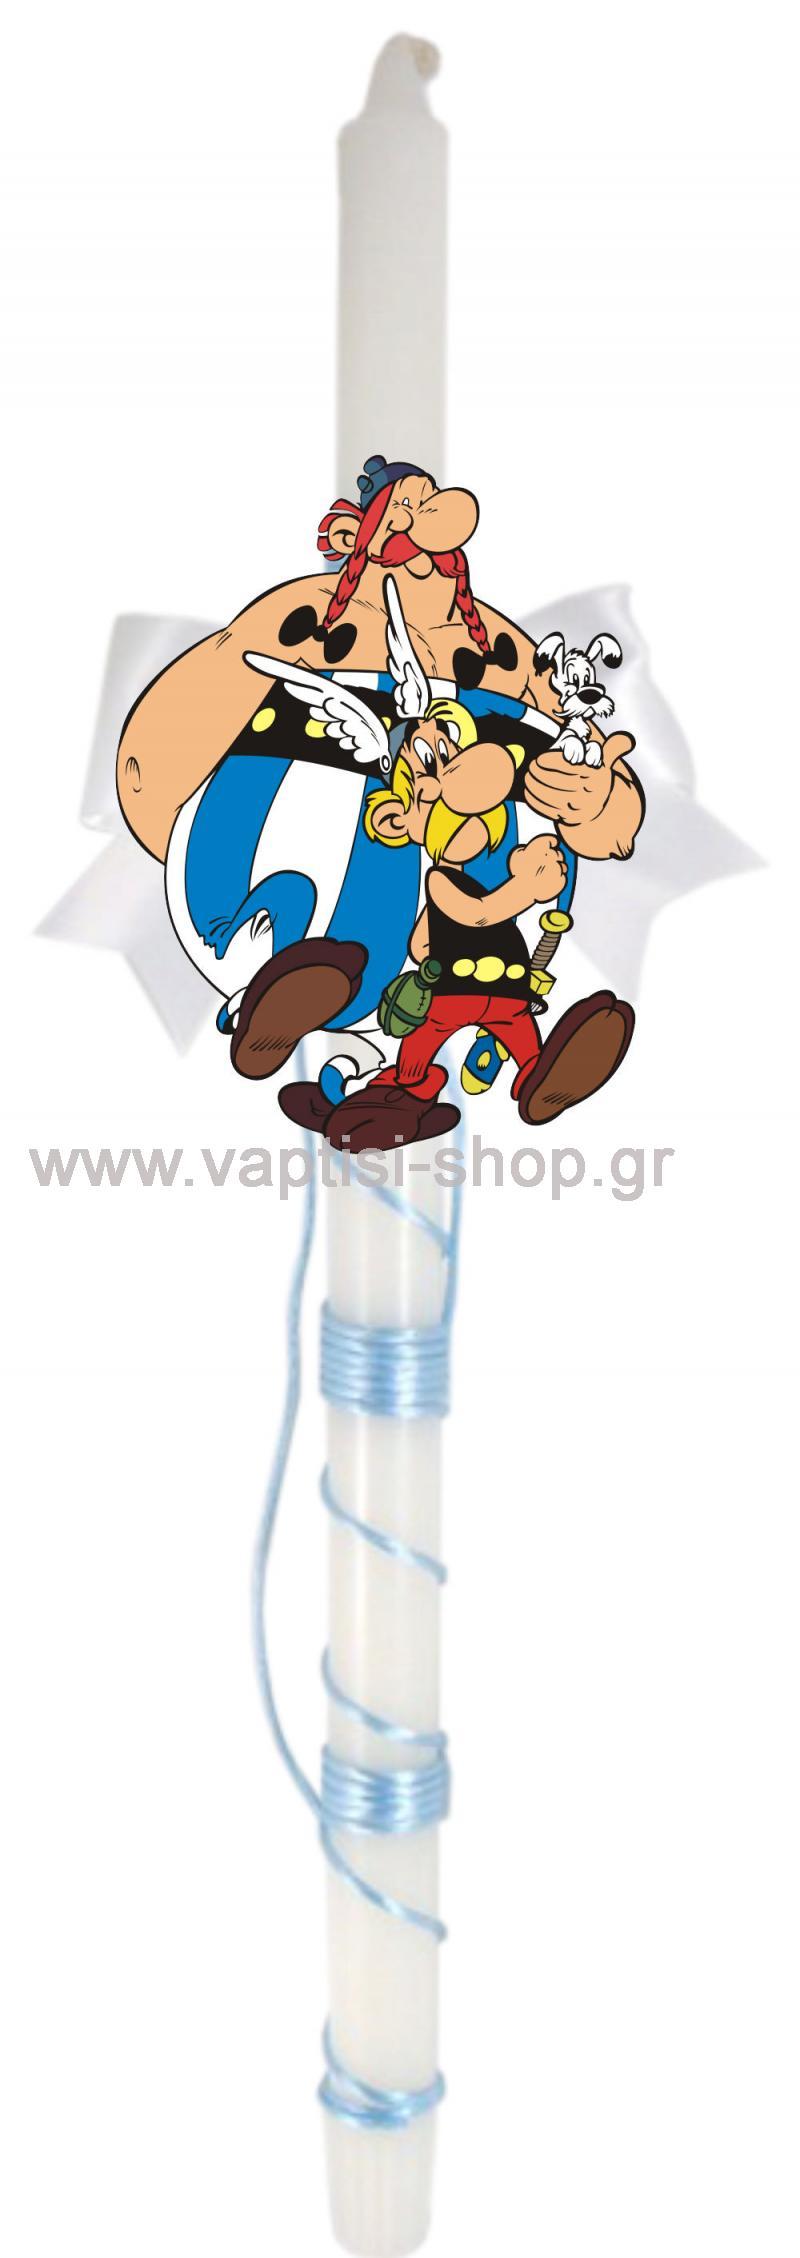 Πασχαλινή Λαμπάδα Asterix-Ovelix